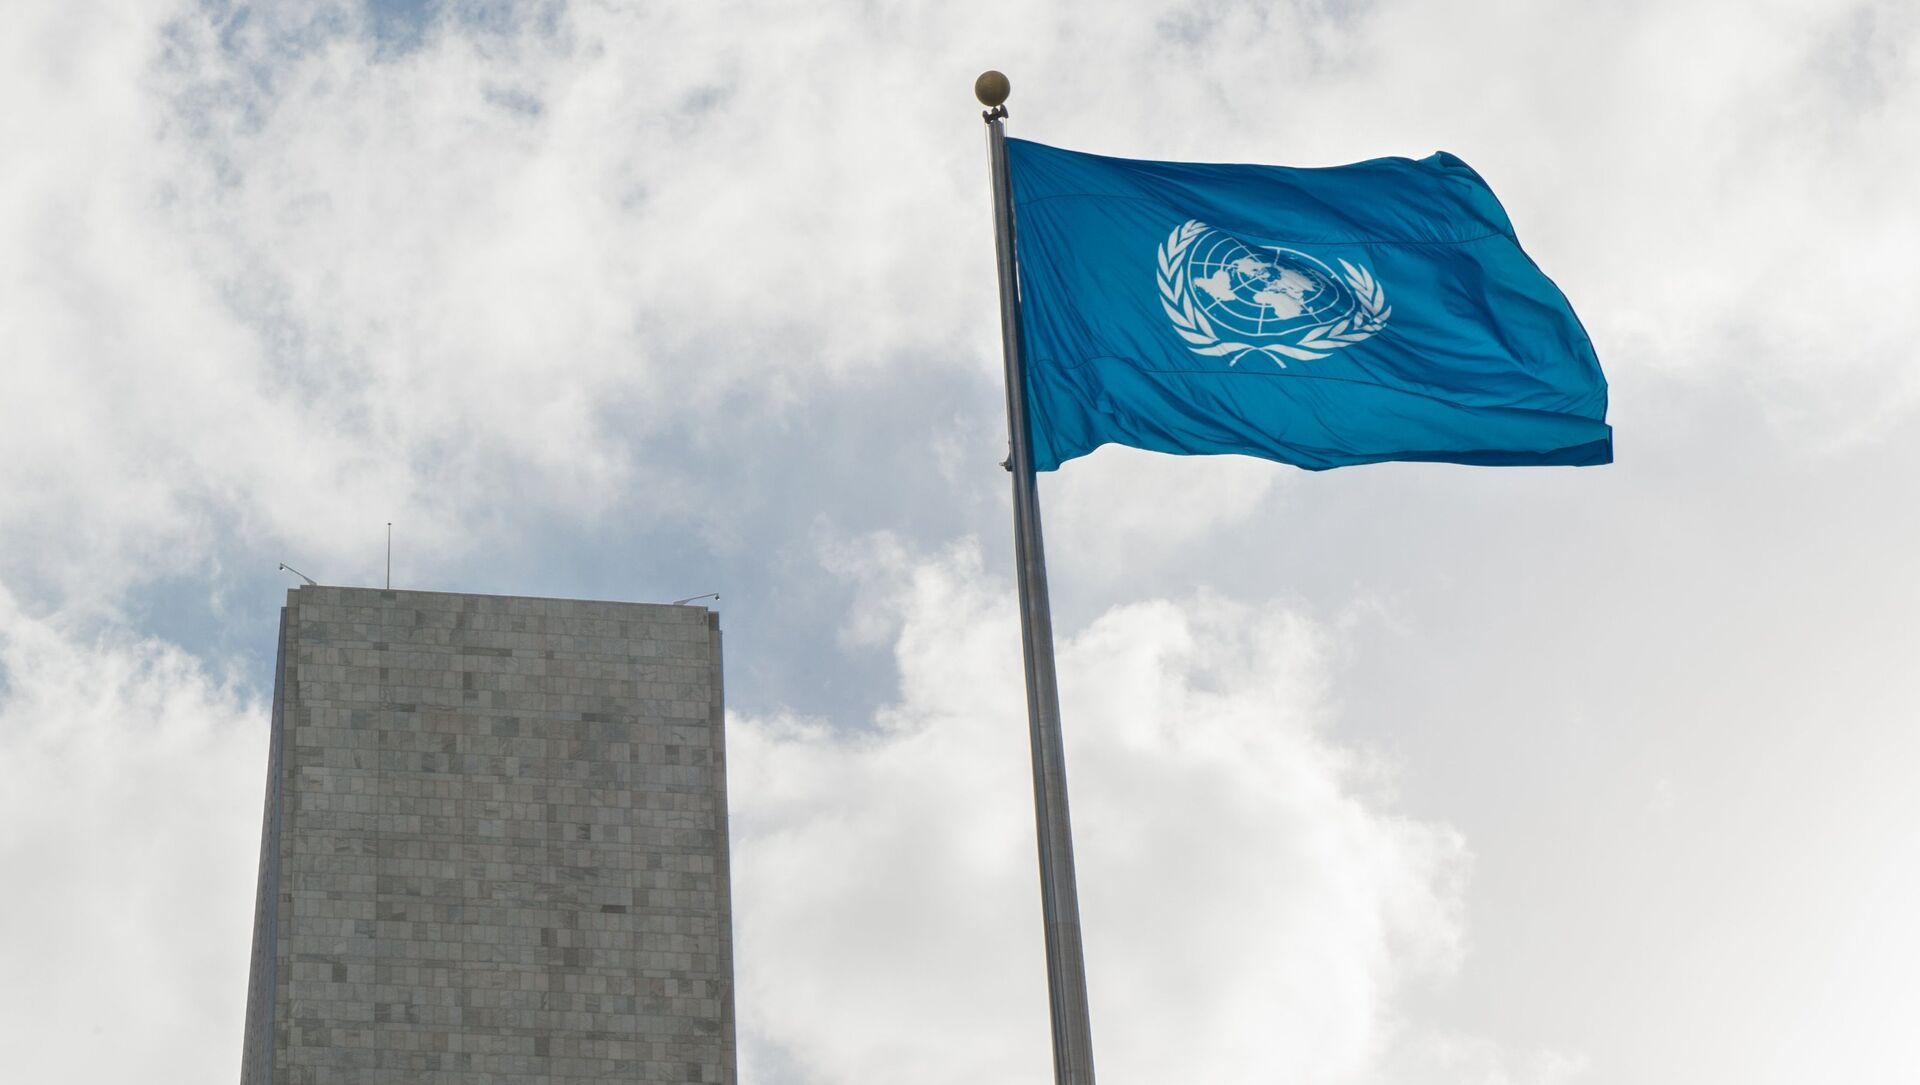 La bandera de la ONU - Sputnik Mundo, 1920, 05.02.2021